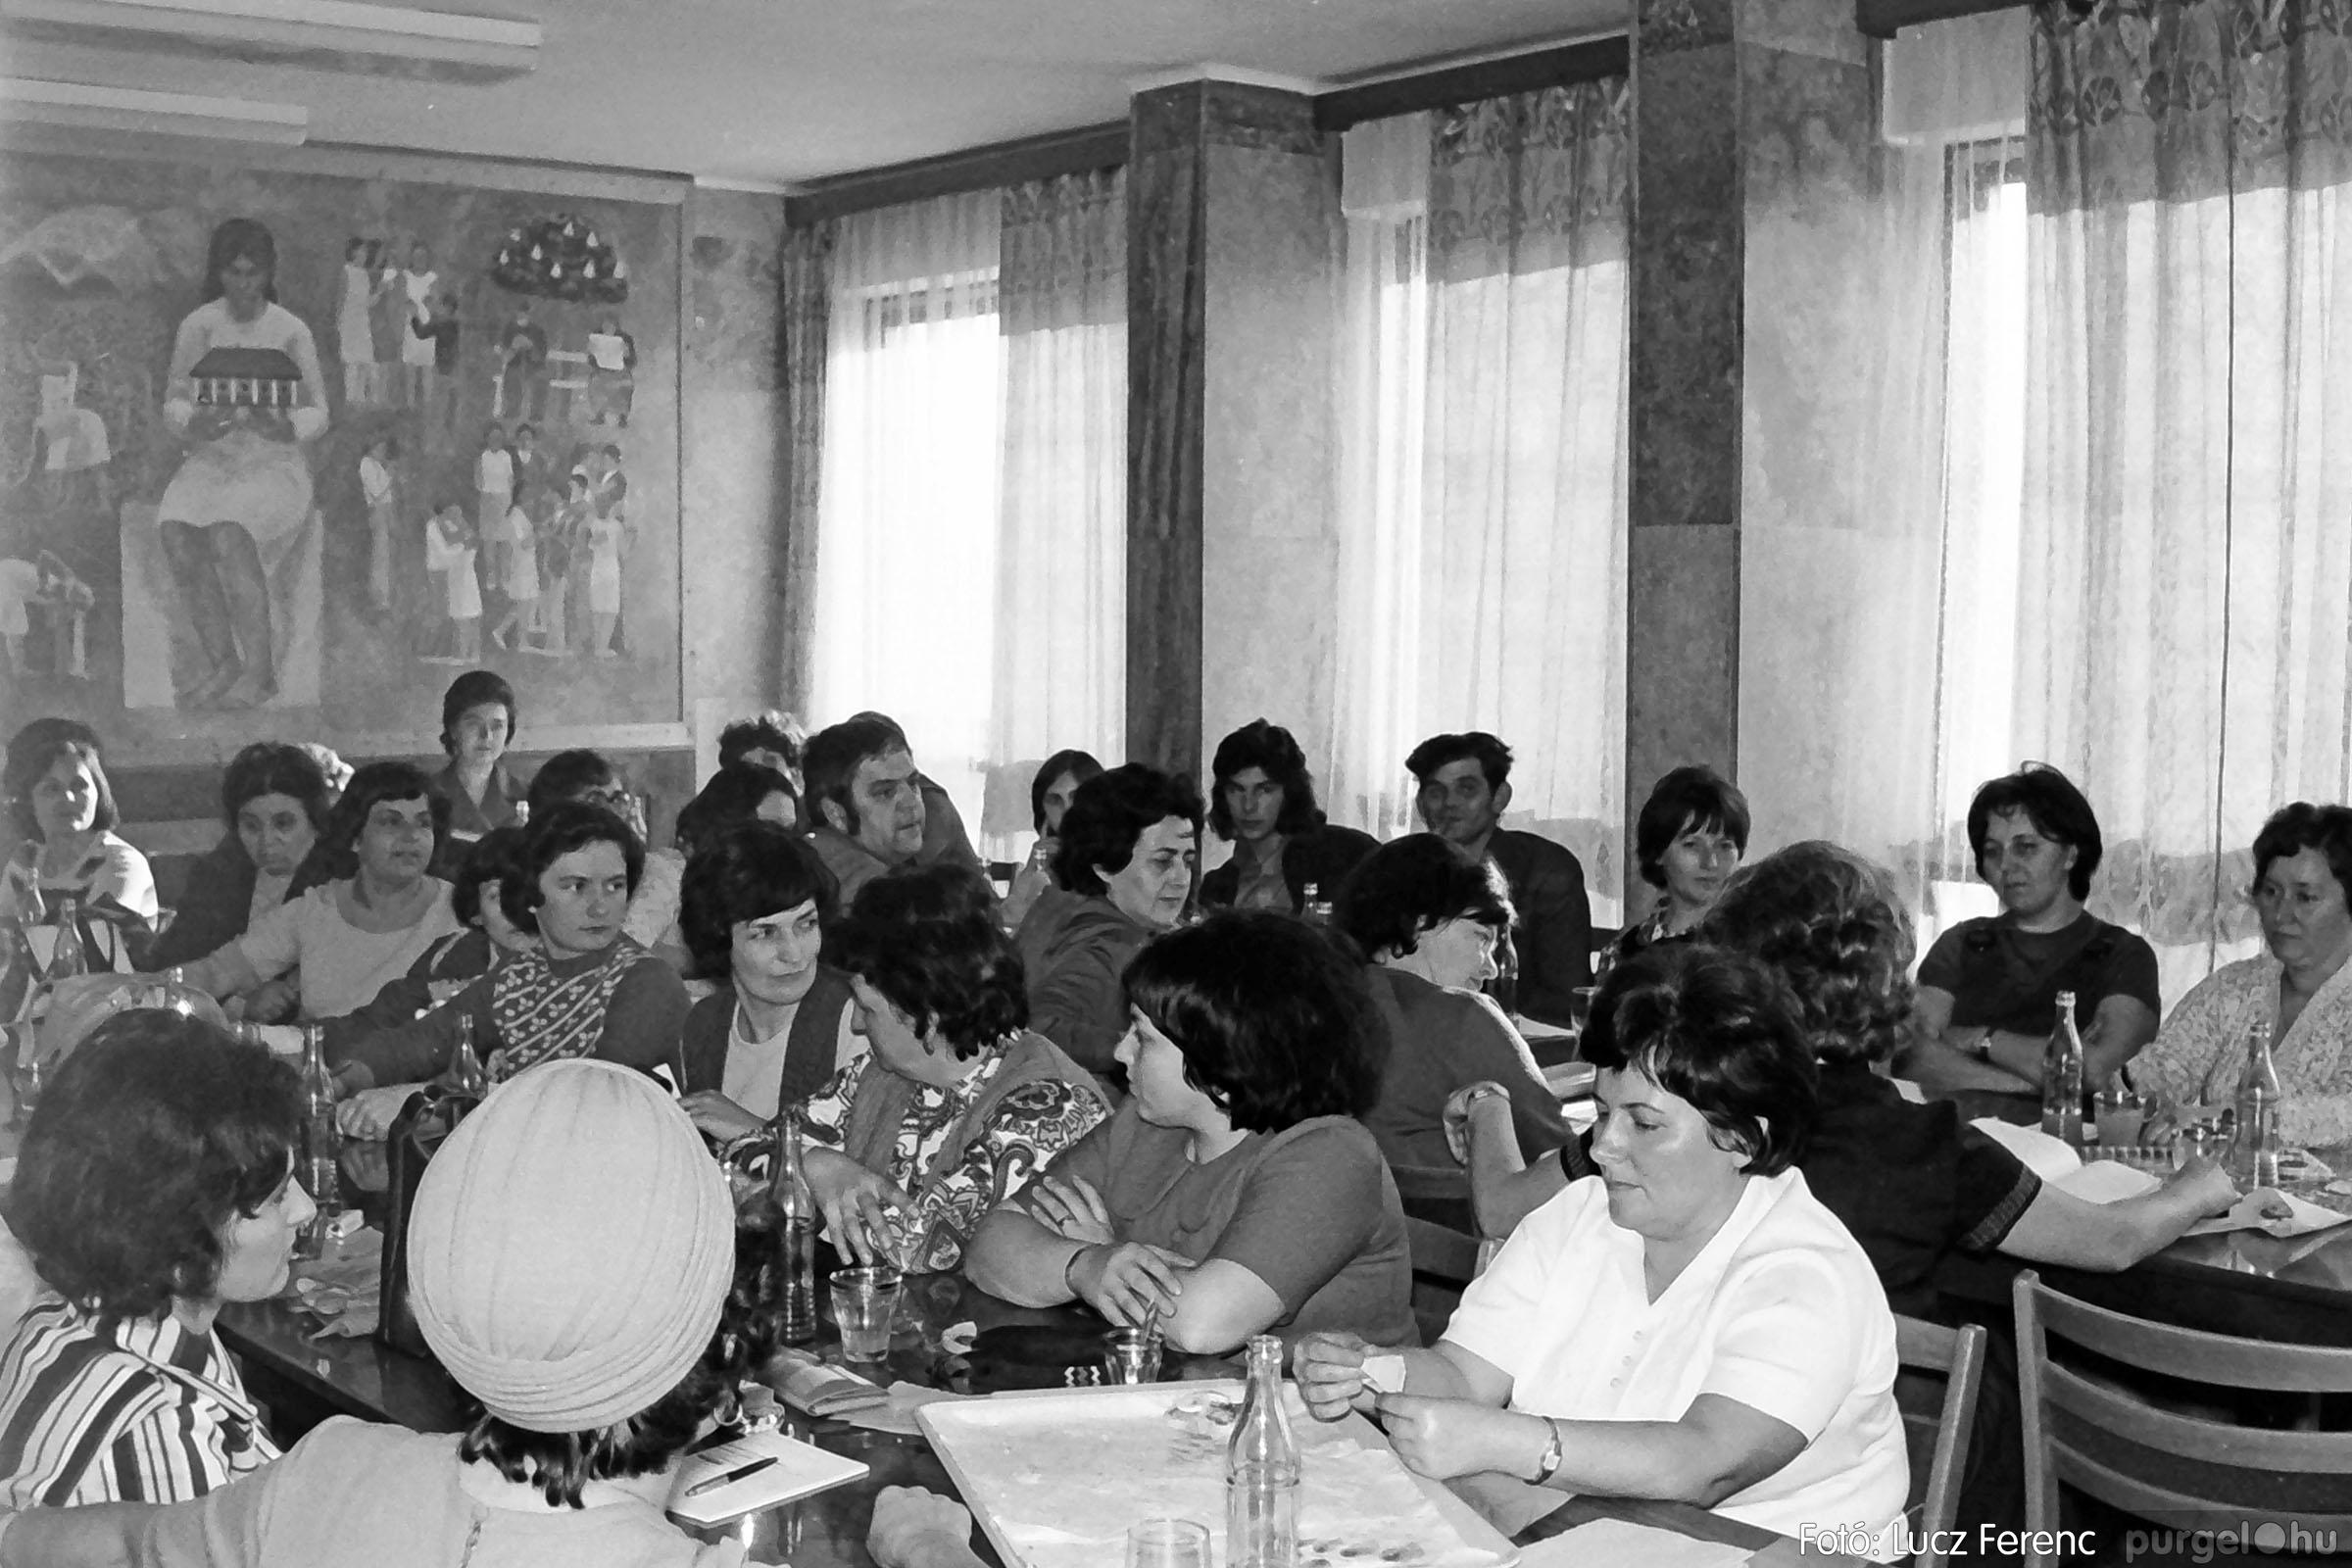 036. 1976. Tanácskozás a pártházban 001 - Fotó: Lucz Ferenc.jpg